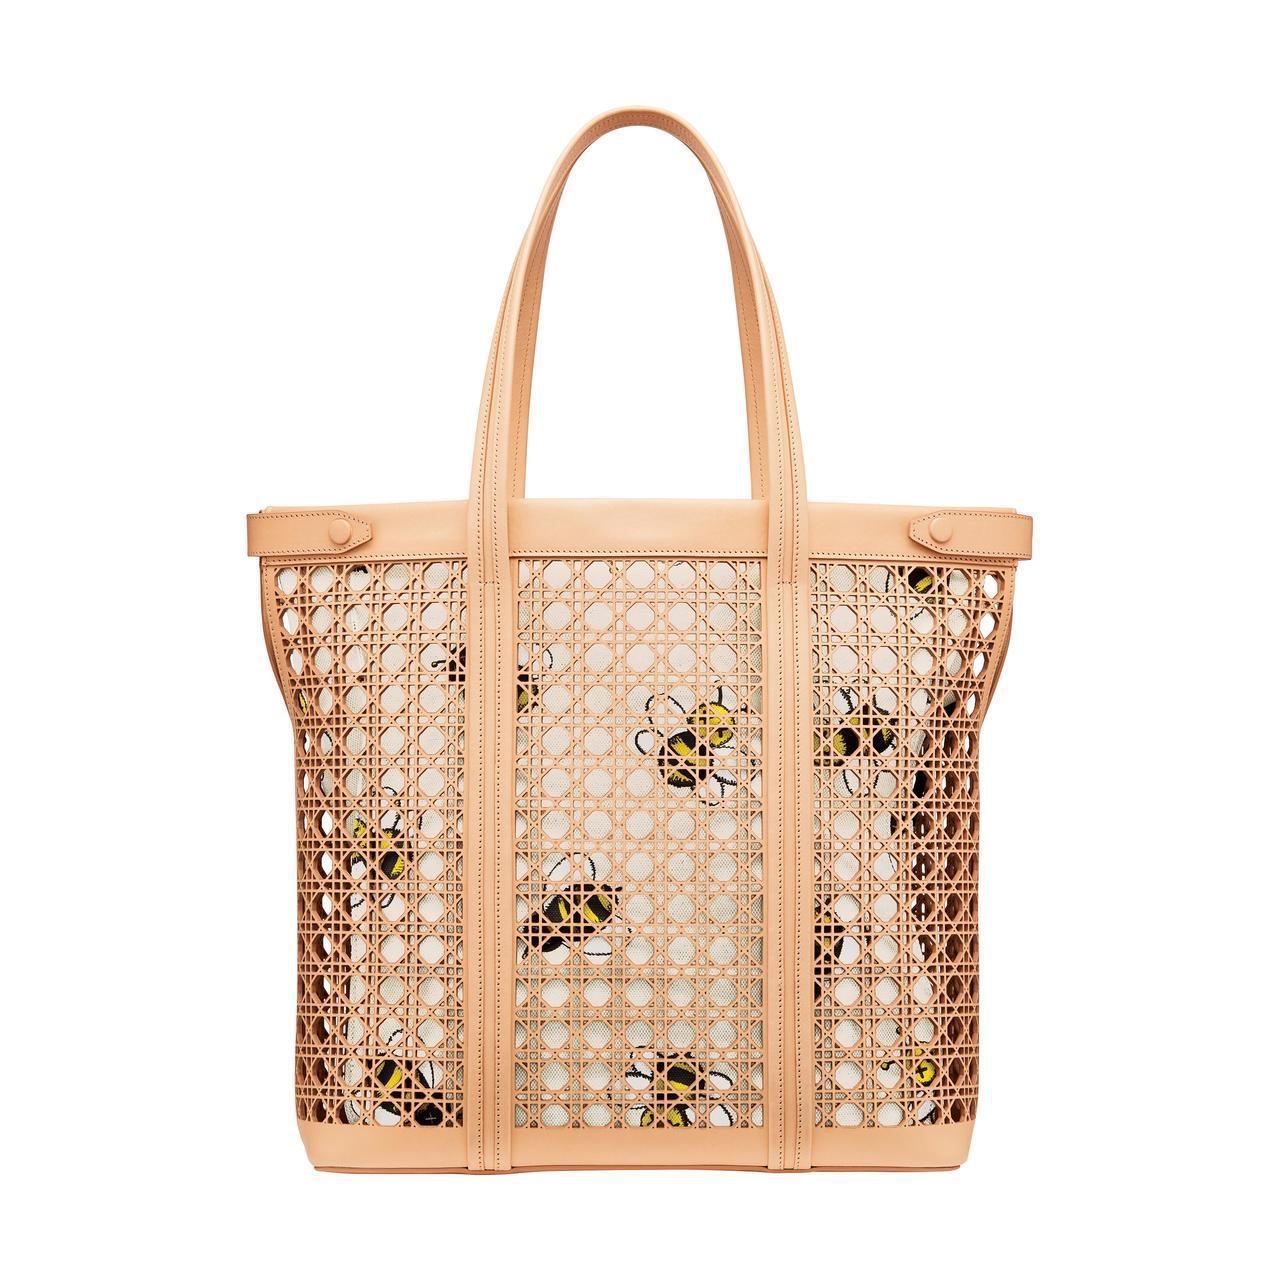 Dior Men米色雷射切割籐格紋鏤空小牛皮KAWS小蜜蜂托特包、170,000...